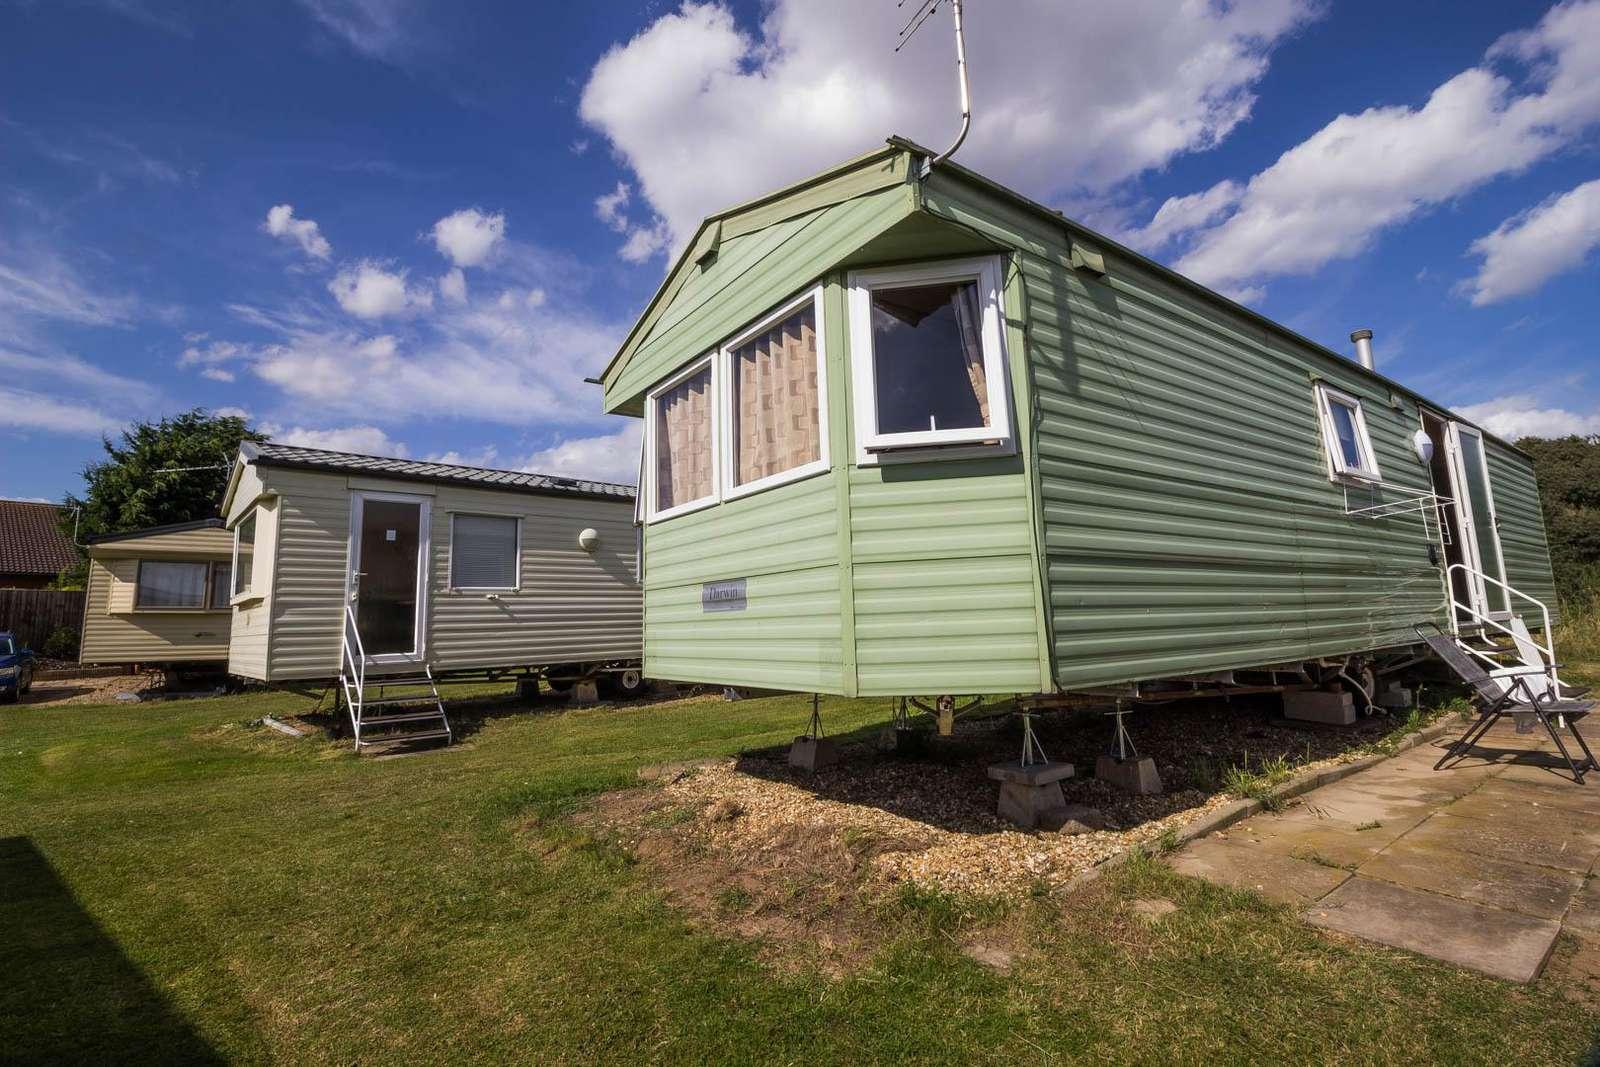 35224K – Kestrel Close, 3 bed, 8 berth caravan with D/G. Emerald rated. - property